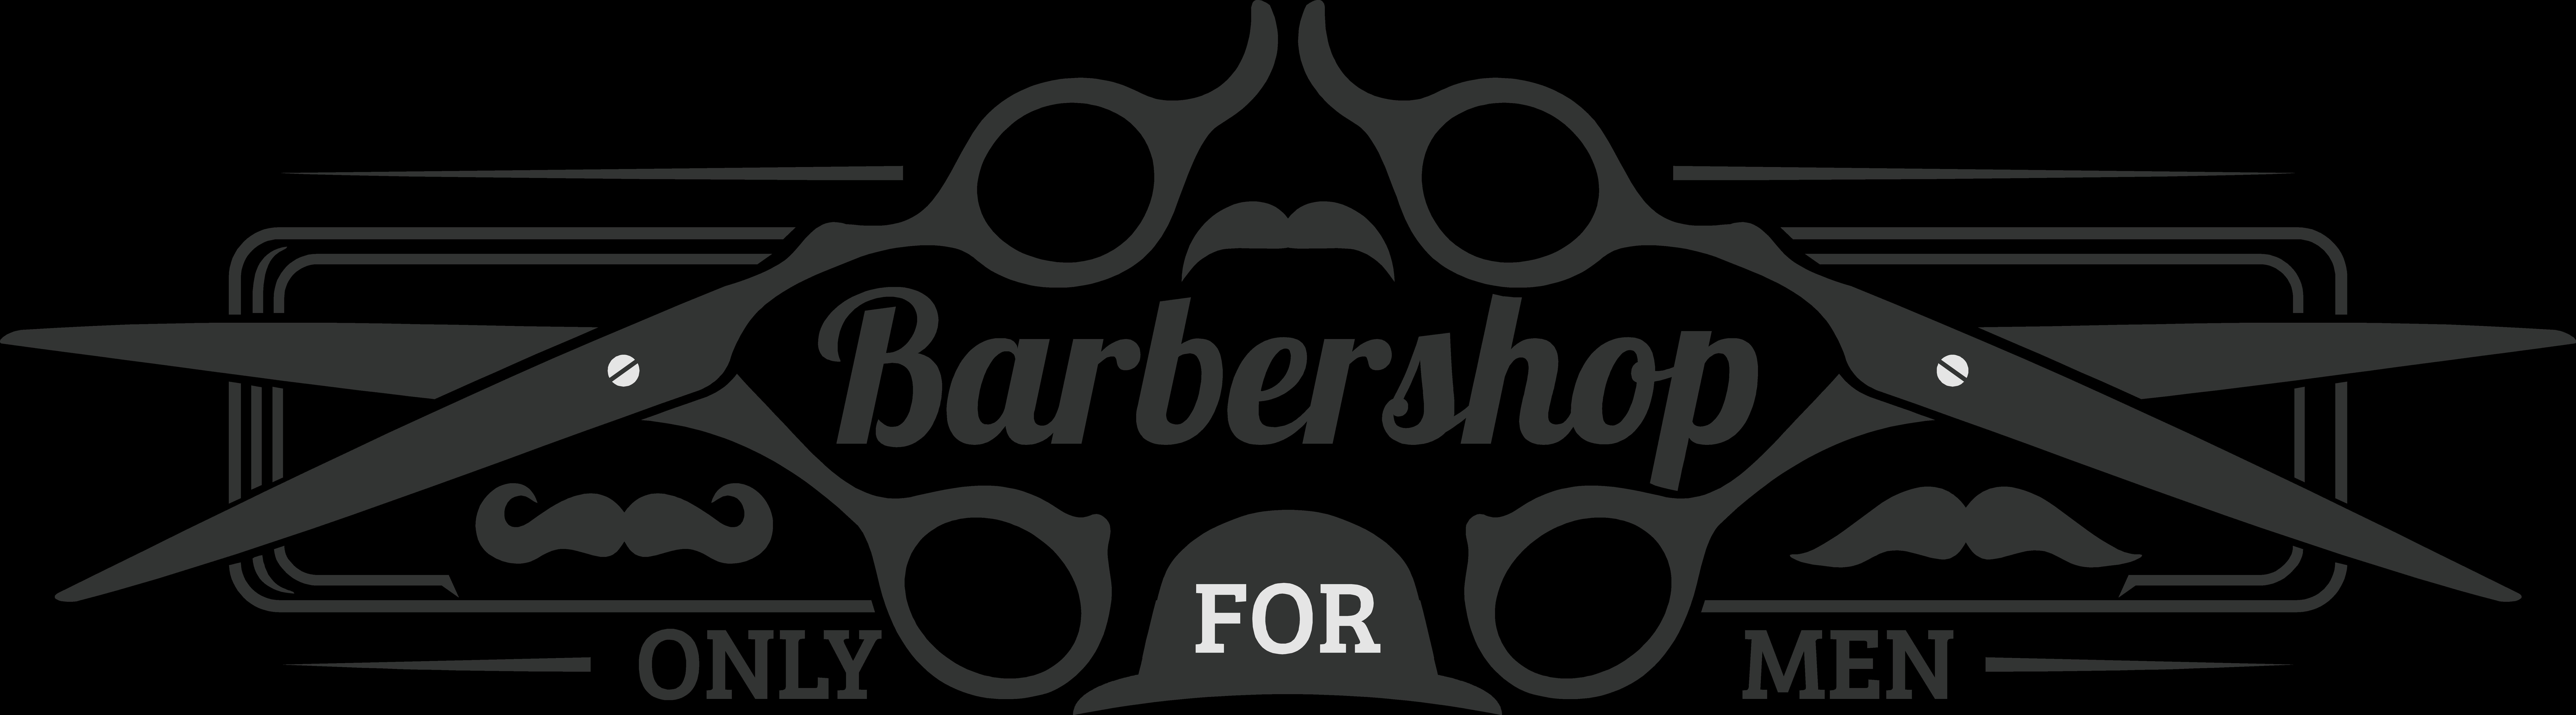 Logo Barbershop Male Transprent Png.